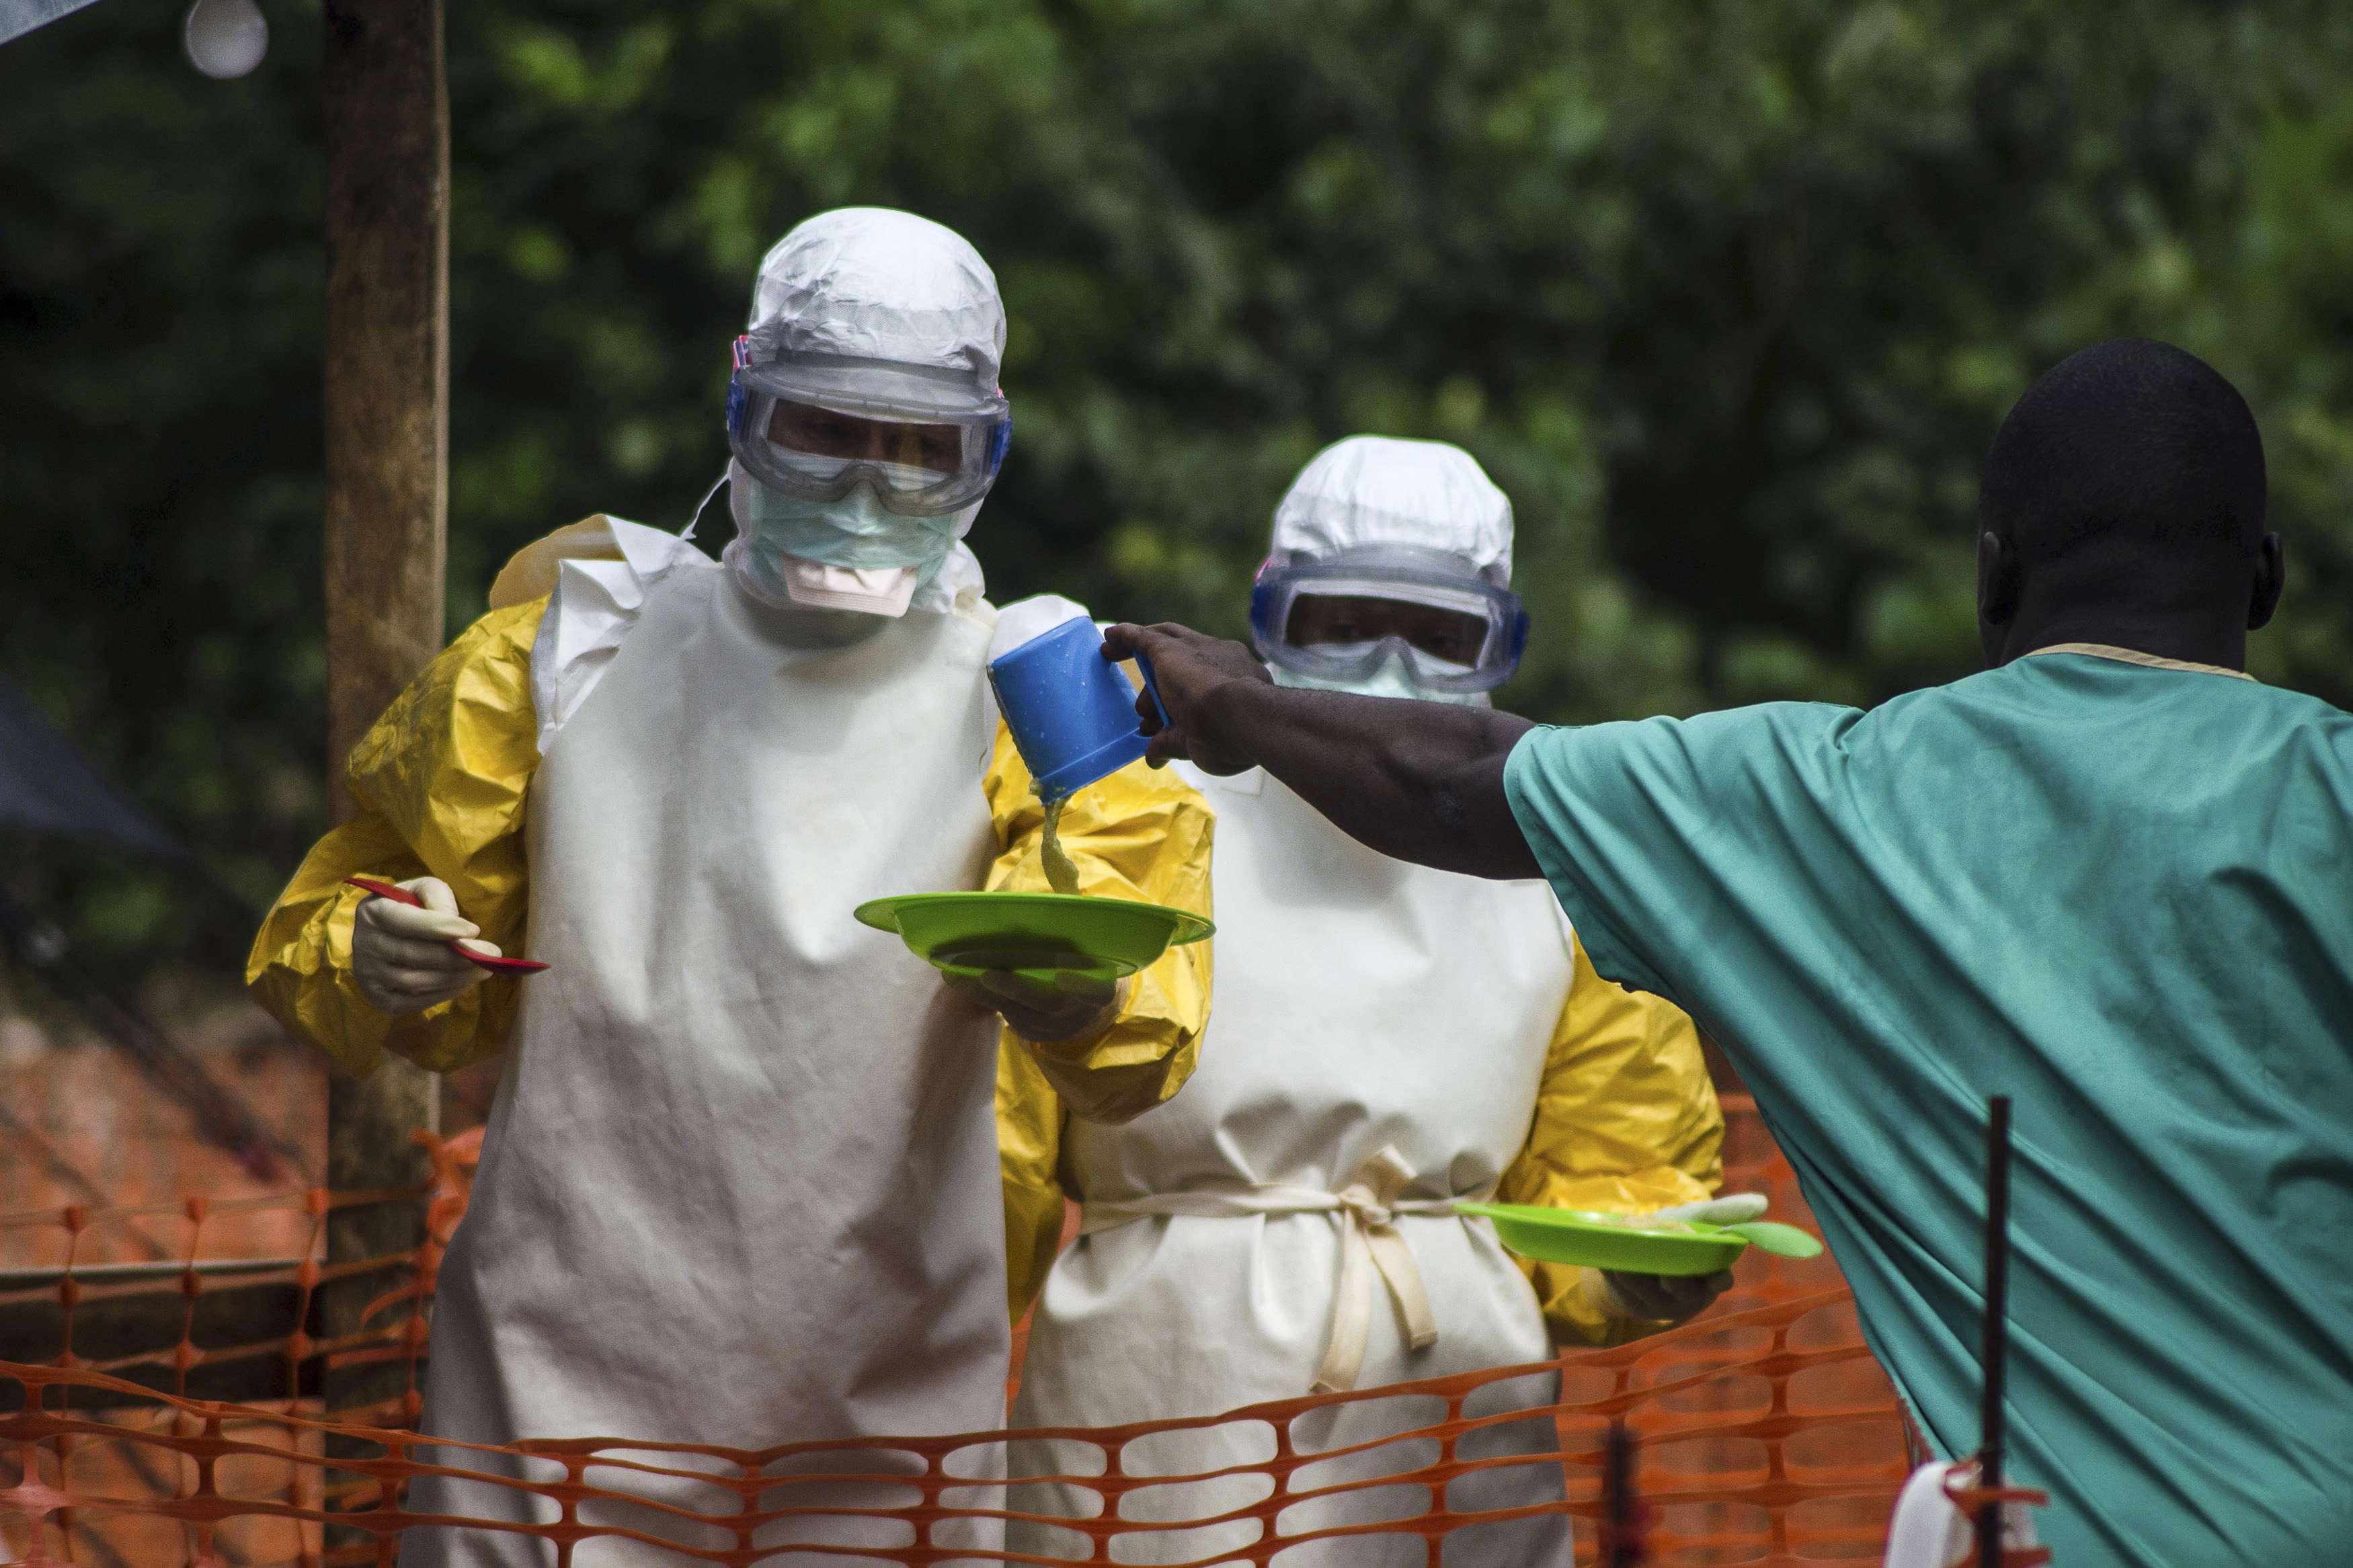 Agentes de saúde da organização Médicos Sem Fronteiras preparam alimentos para pacientes com ebola em Serra Leoa Foto: Tommy Trenchard/Reuters